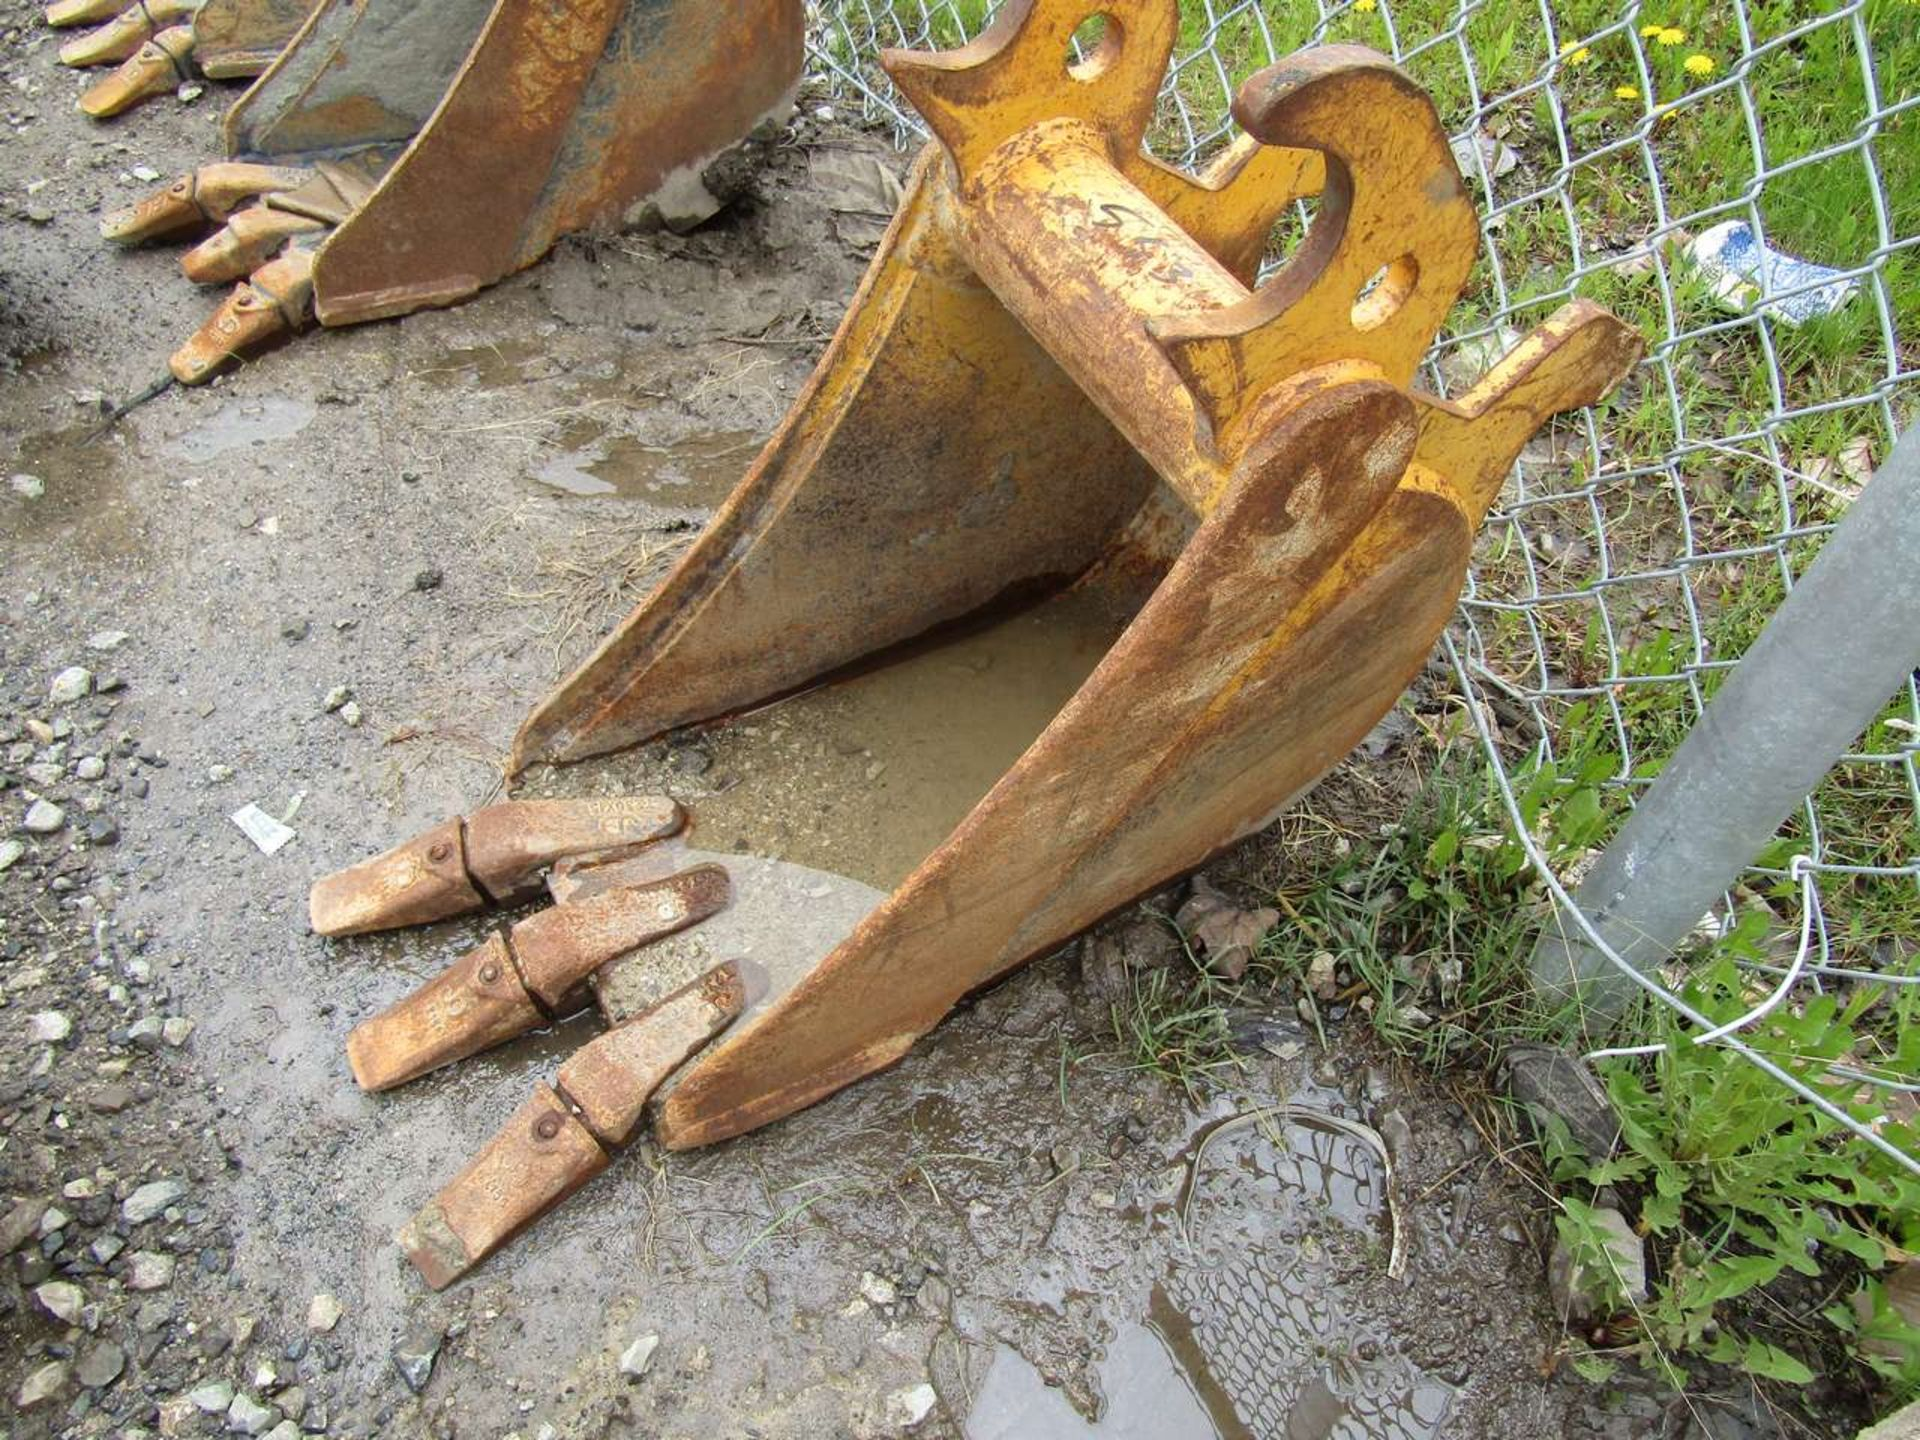 Lot 553 - Excavator Bucket